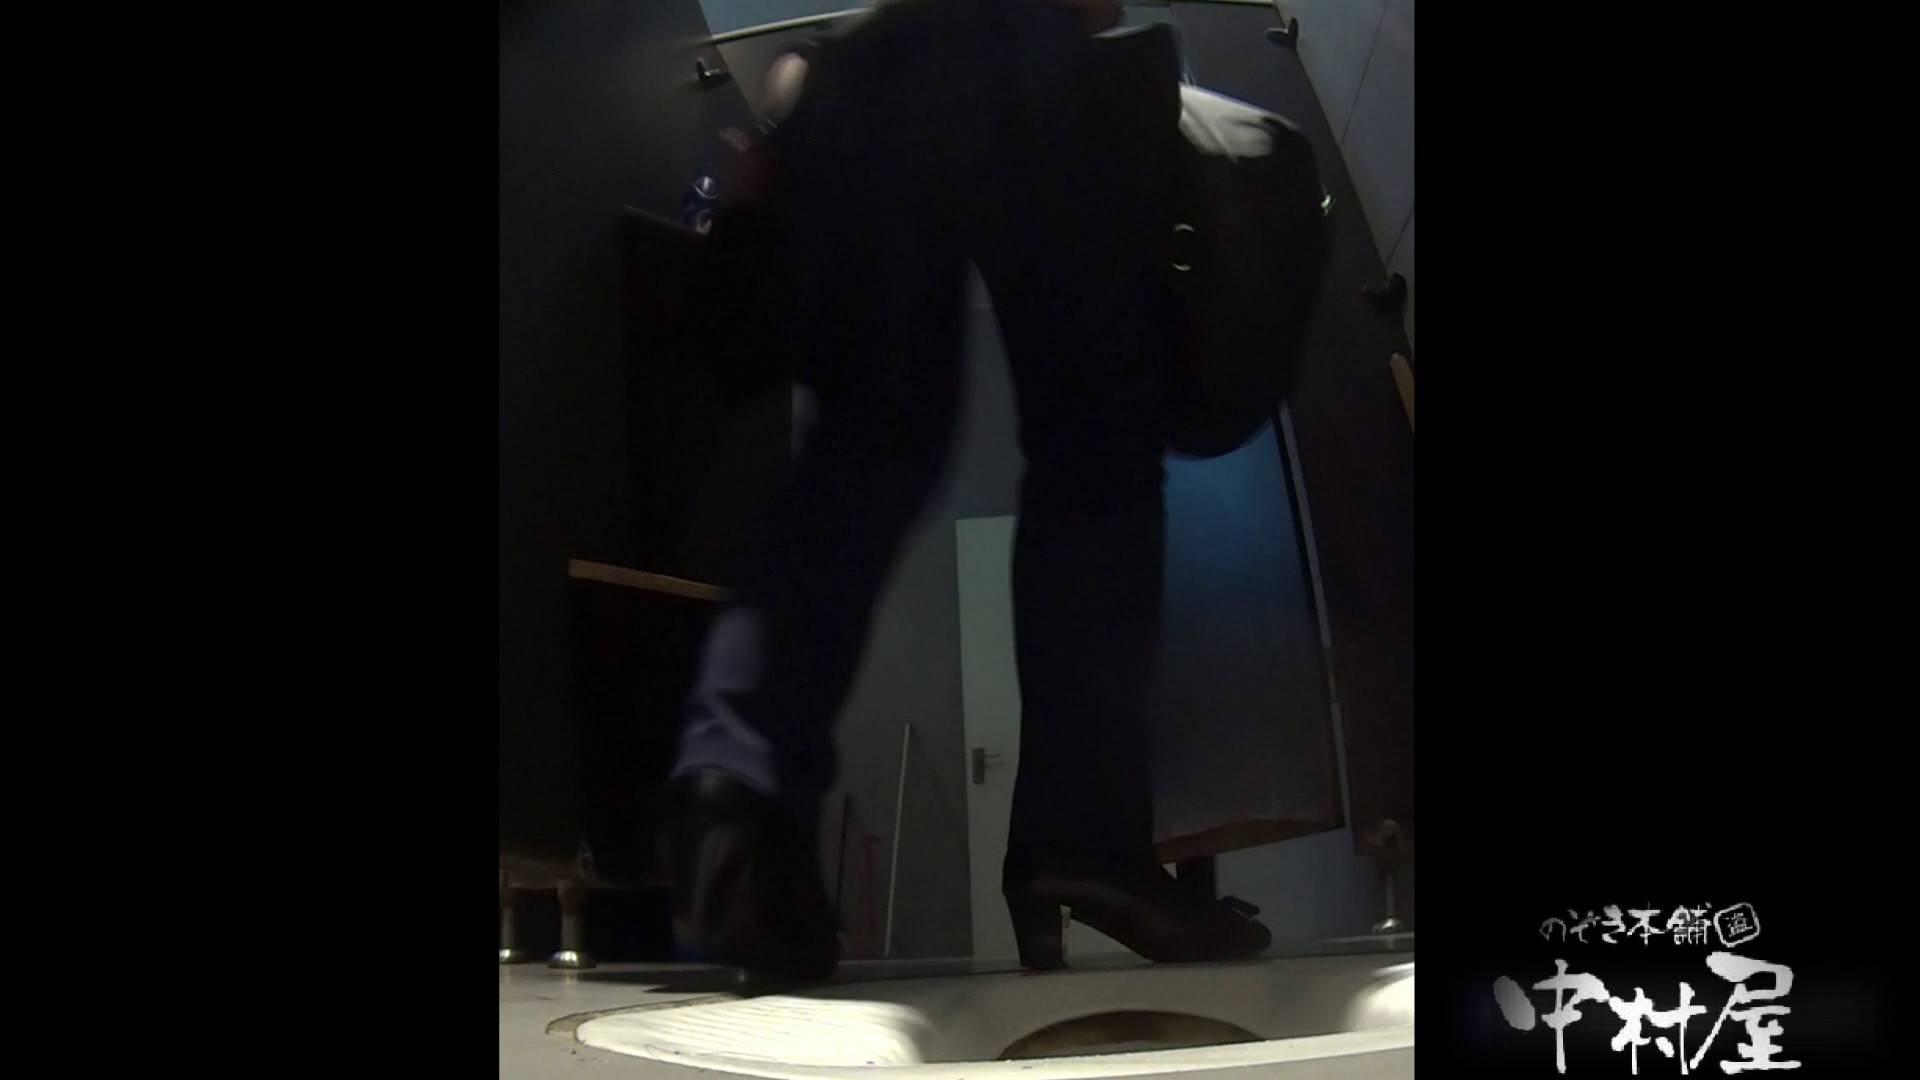 大学休憩時間の洗面所事情22 洗面所編 | お姉さんのエロ動画  93PIX 21